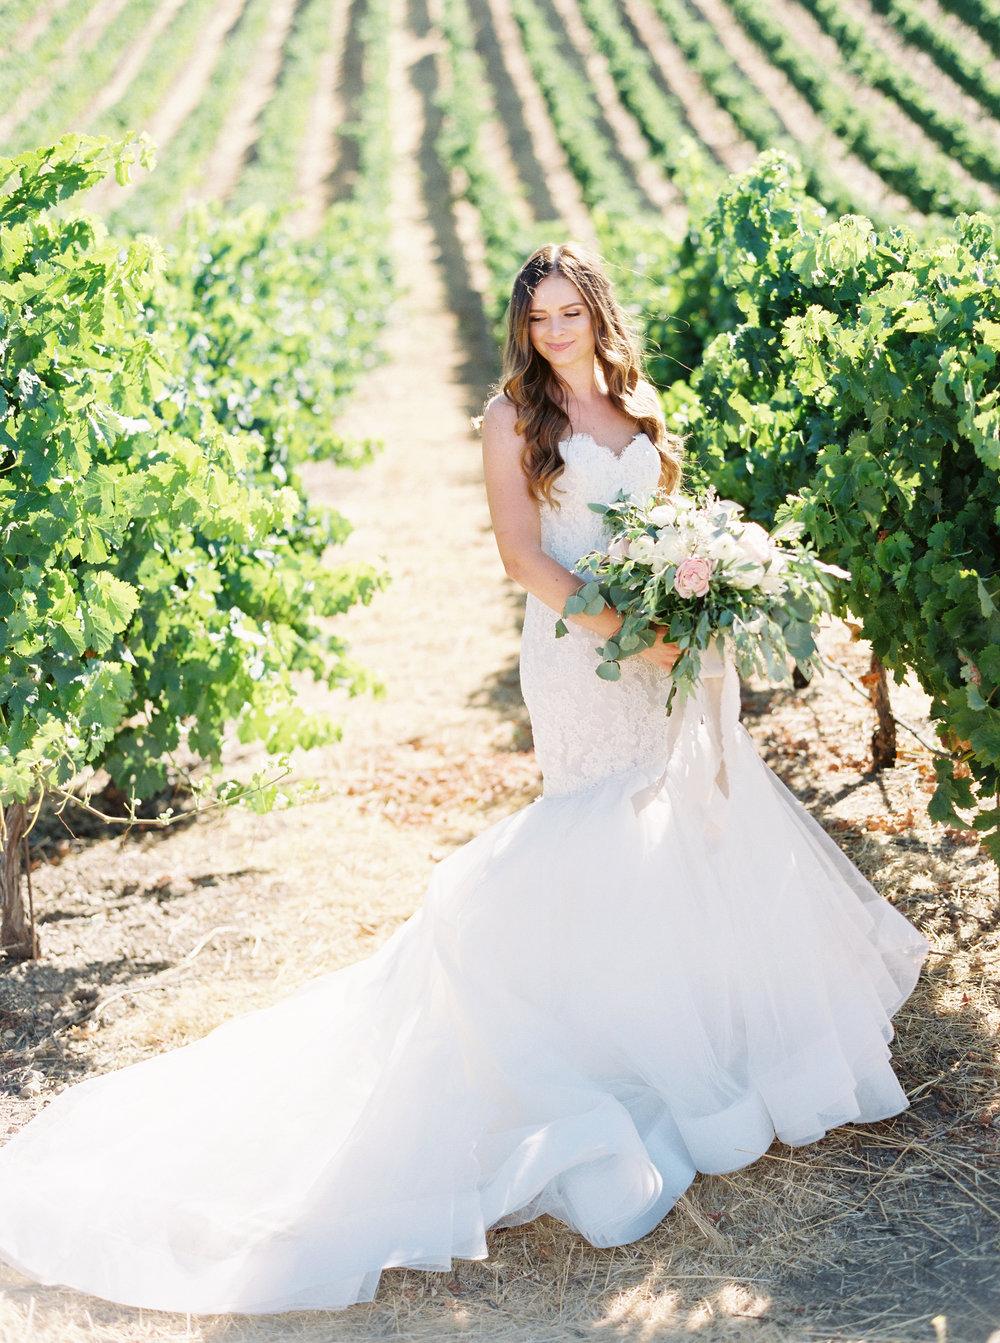 muriettas-well-wedding-in-livermore-california-155.jpg